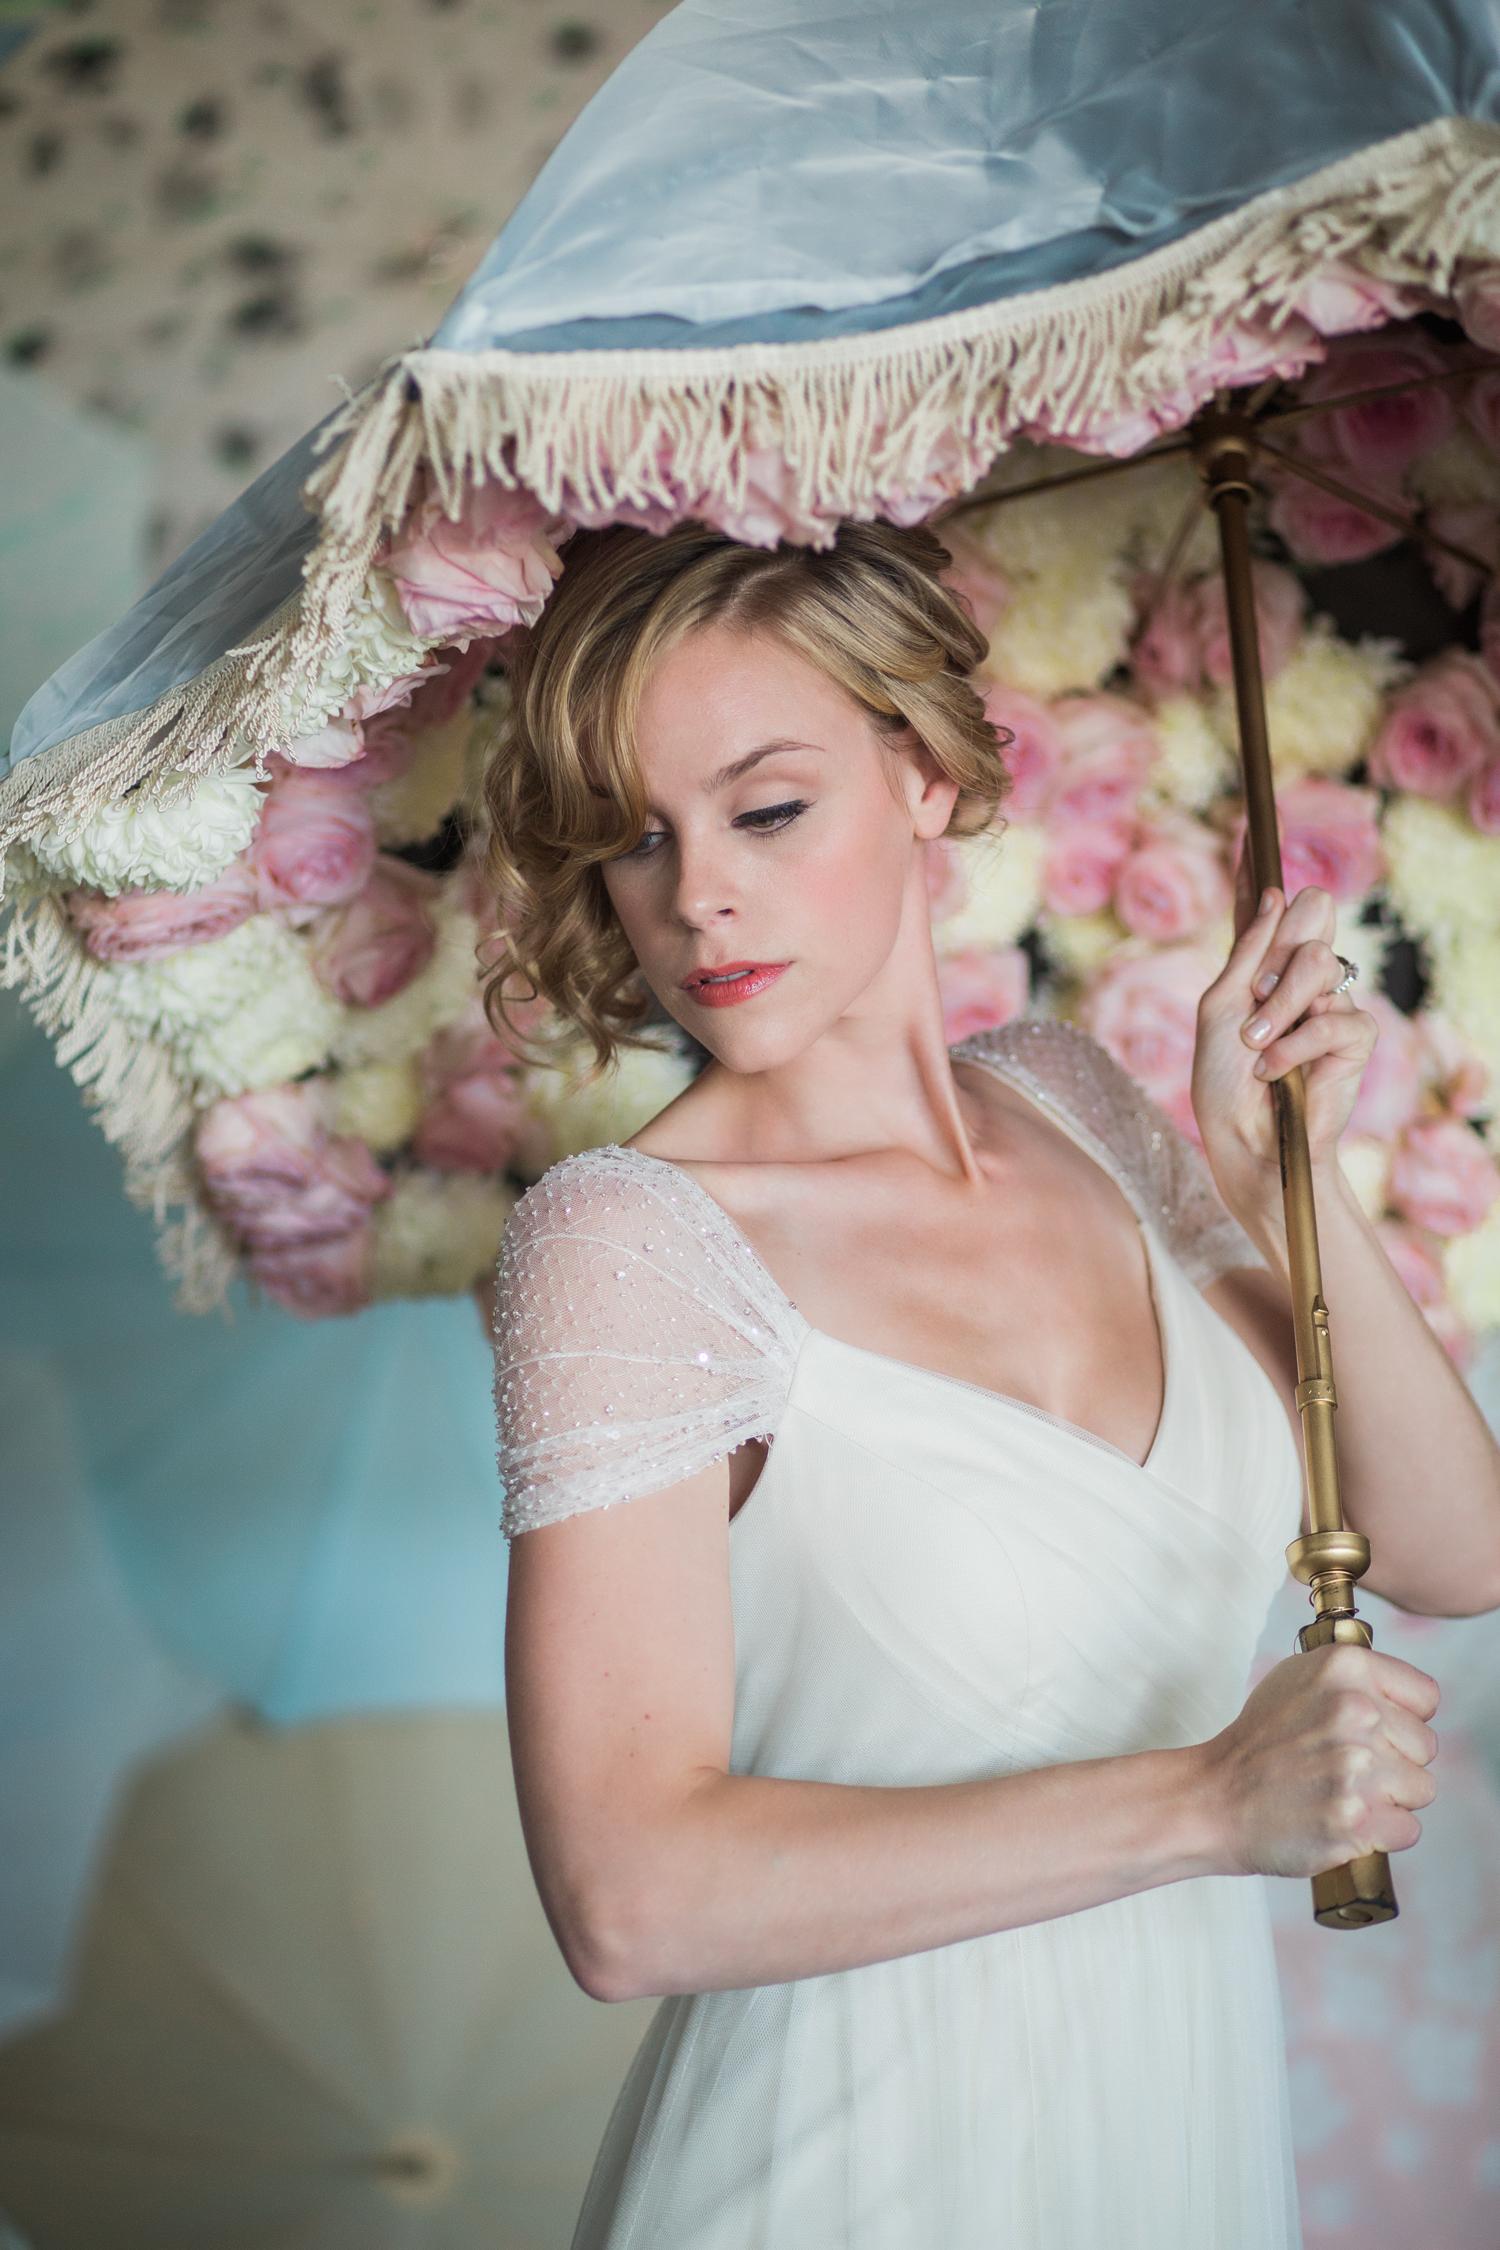 Bella Umbrella | Vintage Umbrella Rentals | Alante Photography | Seattle Wedding Planning